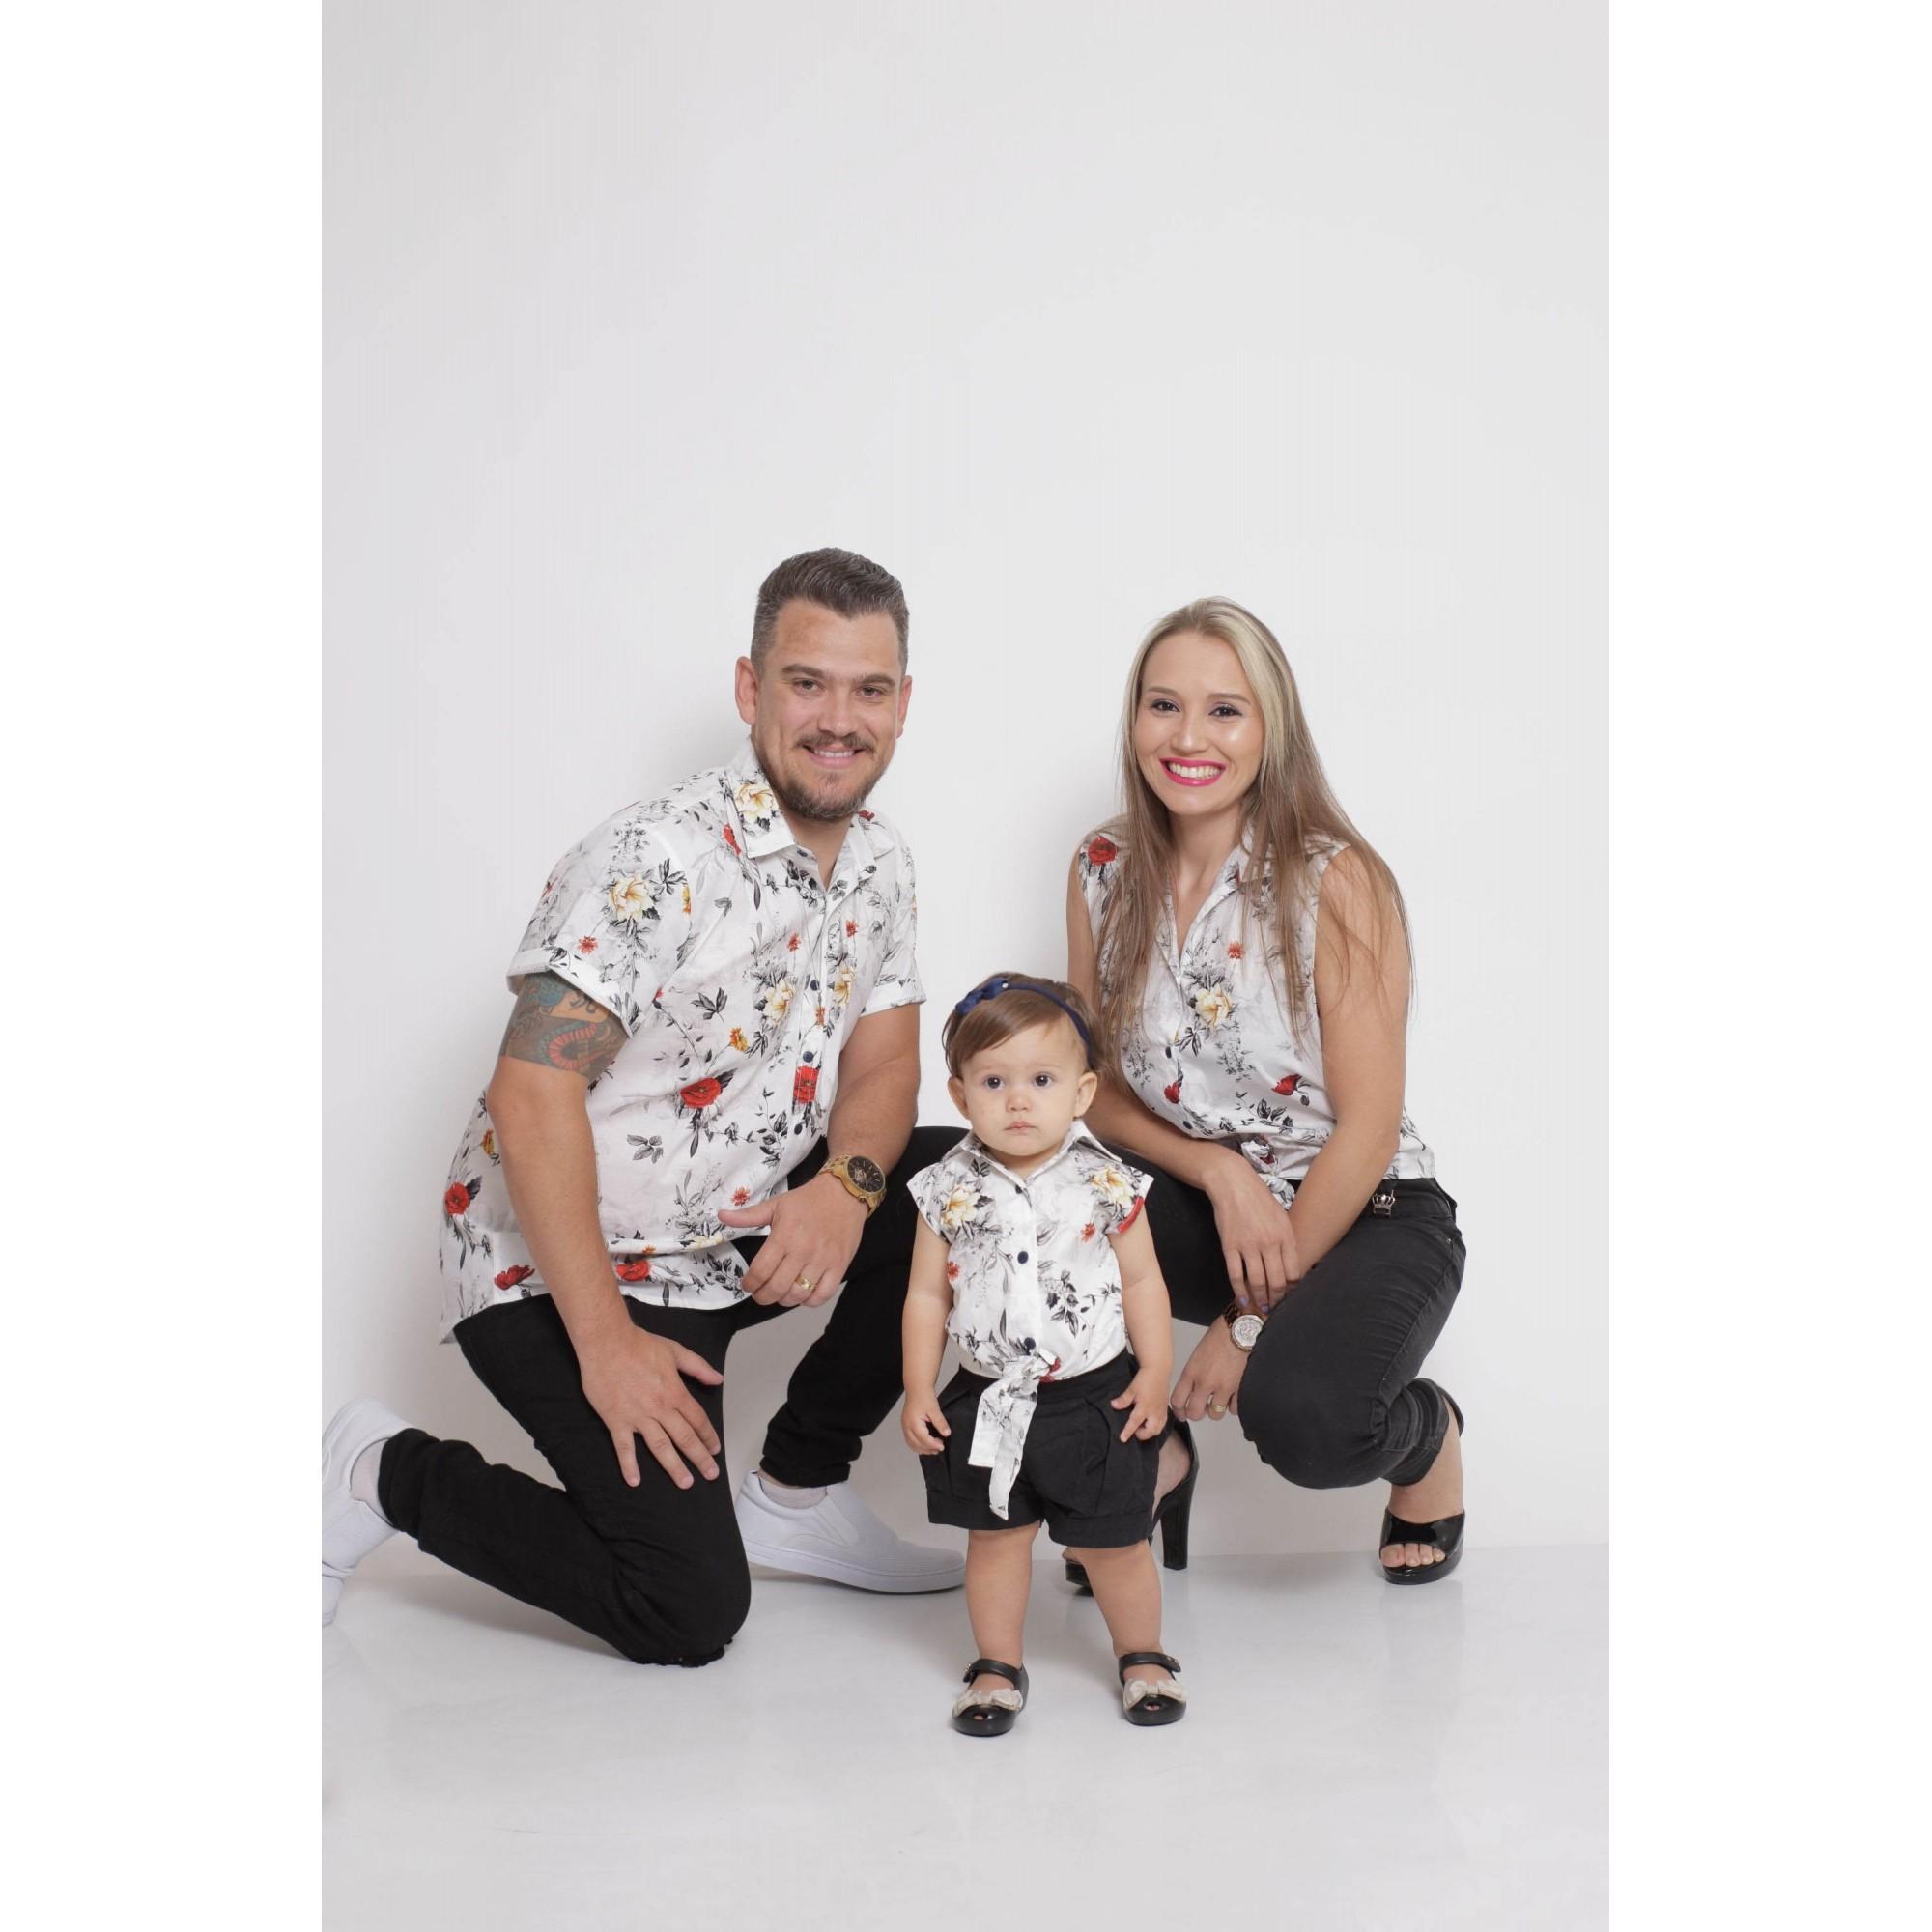 PAIS E FILHAS > Kit 3 peças Camisas Social Branca Floral [Coleção Família]  - Heitor Fashion Brazil